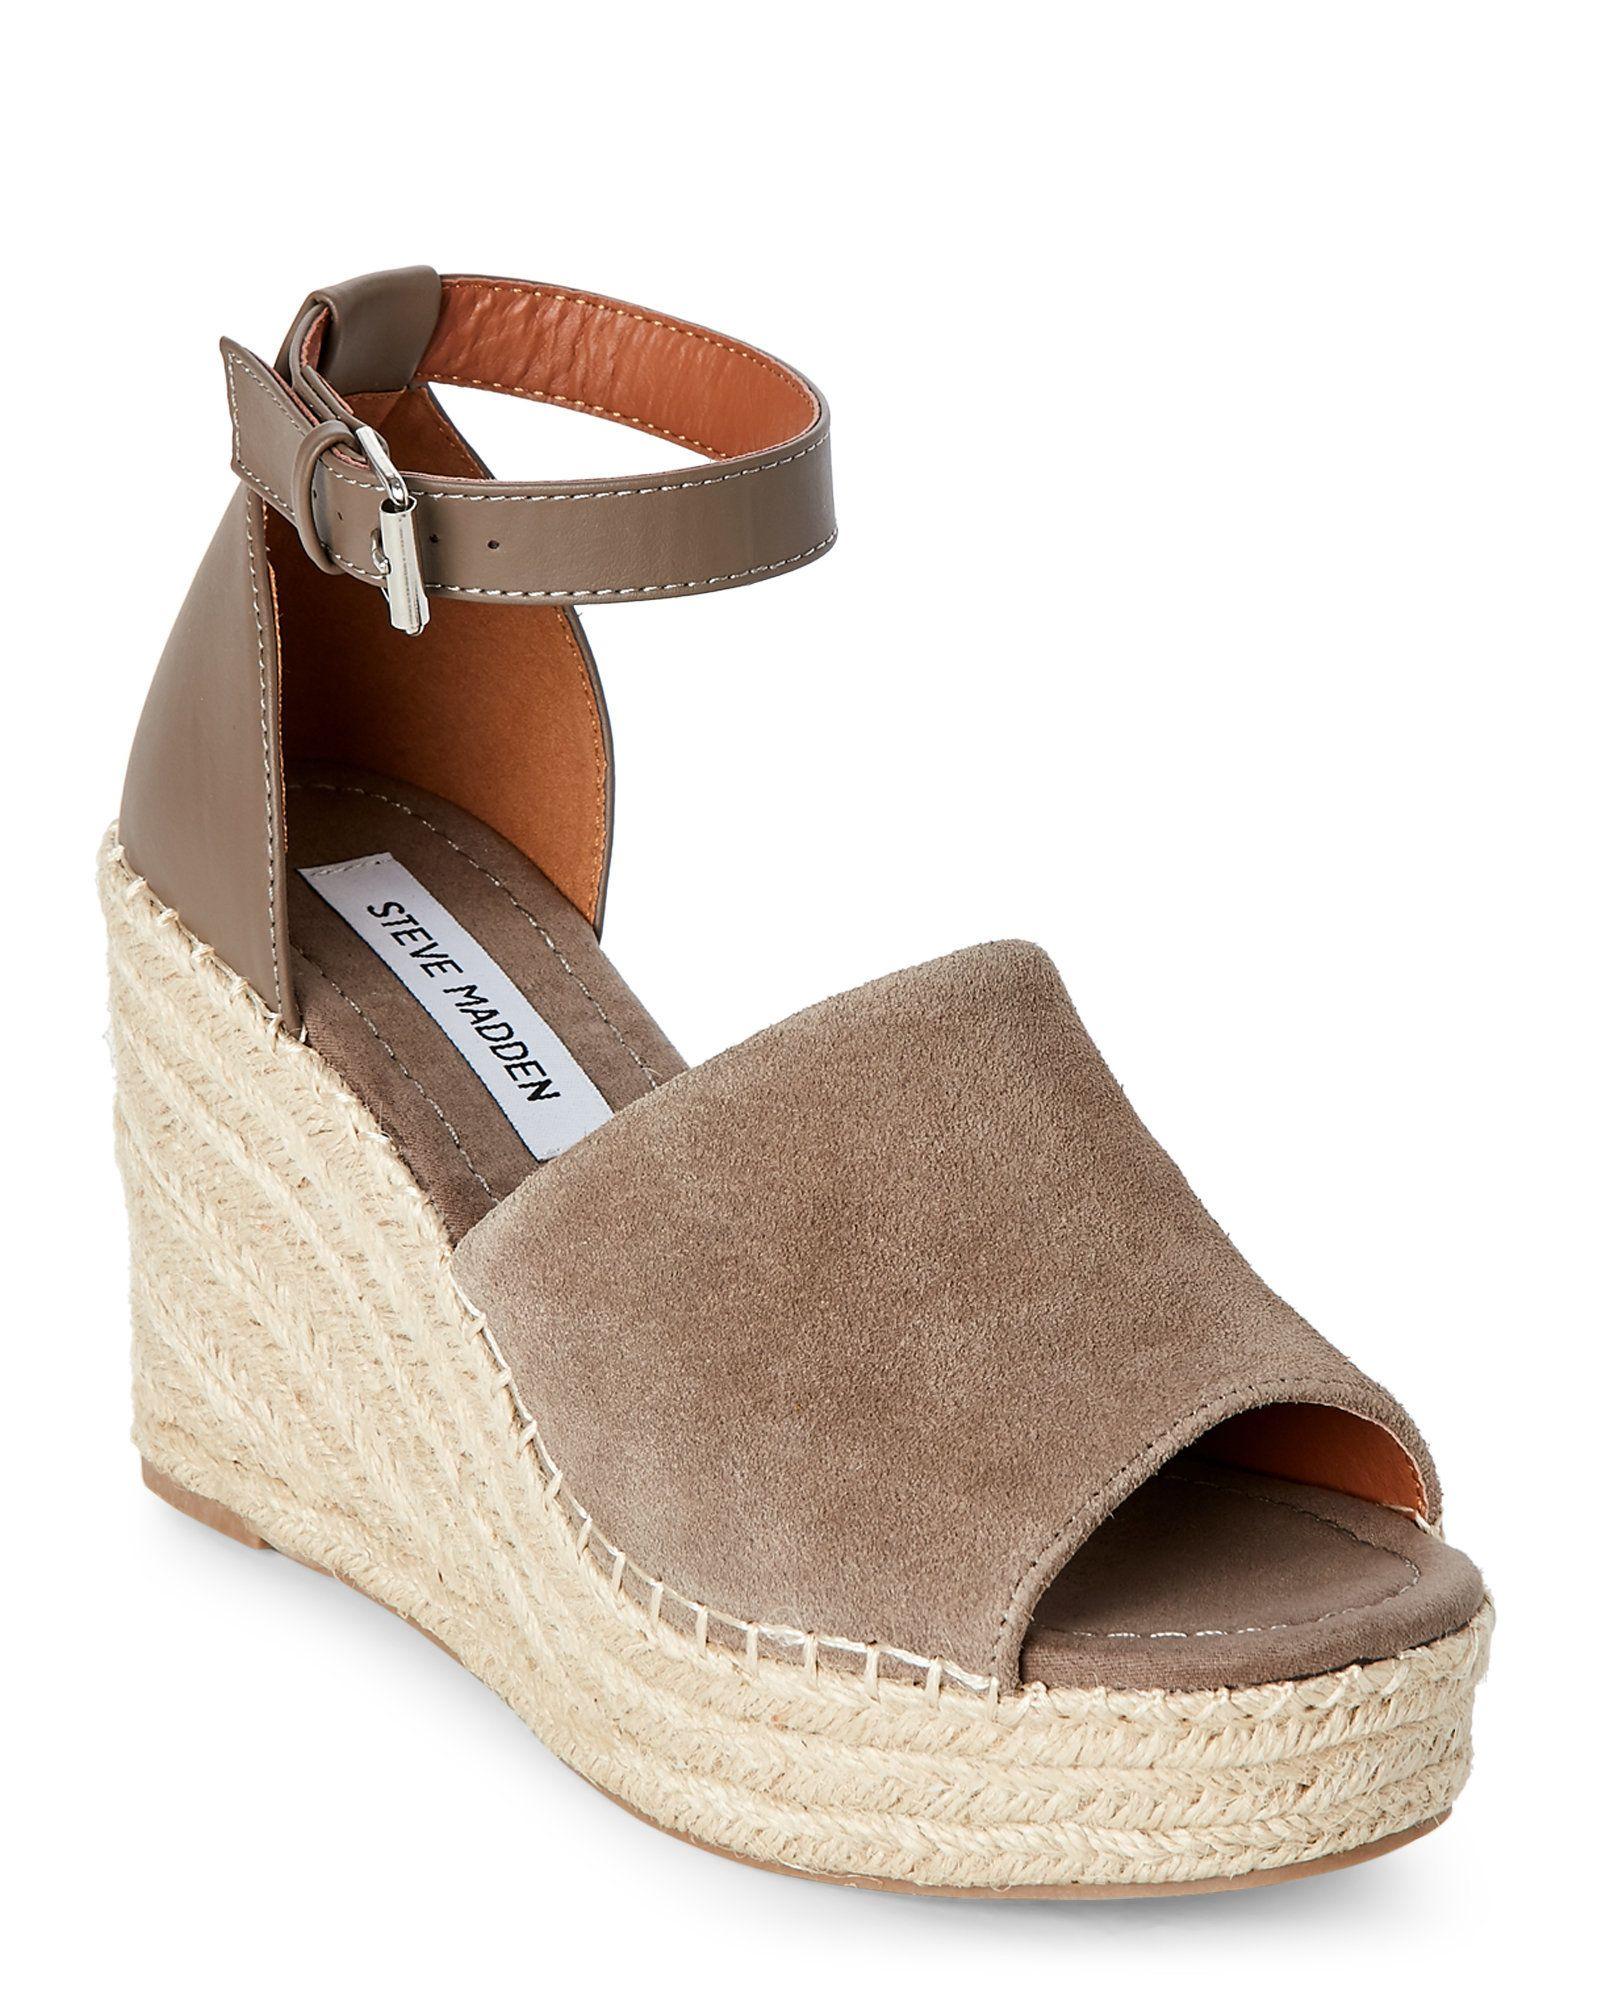 199b7b0ef657 Taupe Jaylen Platform Wedge Espadrille Sandals - Century 21